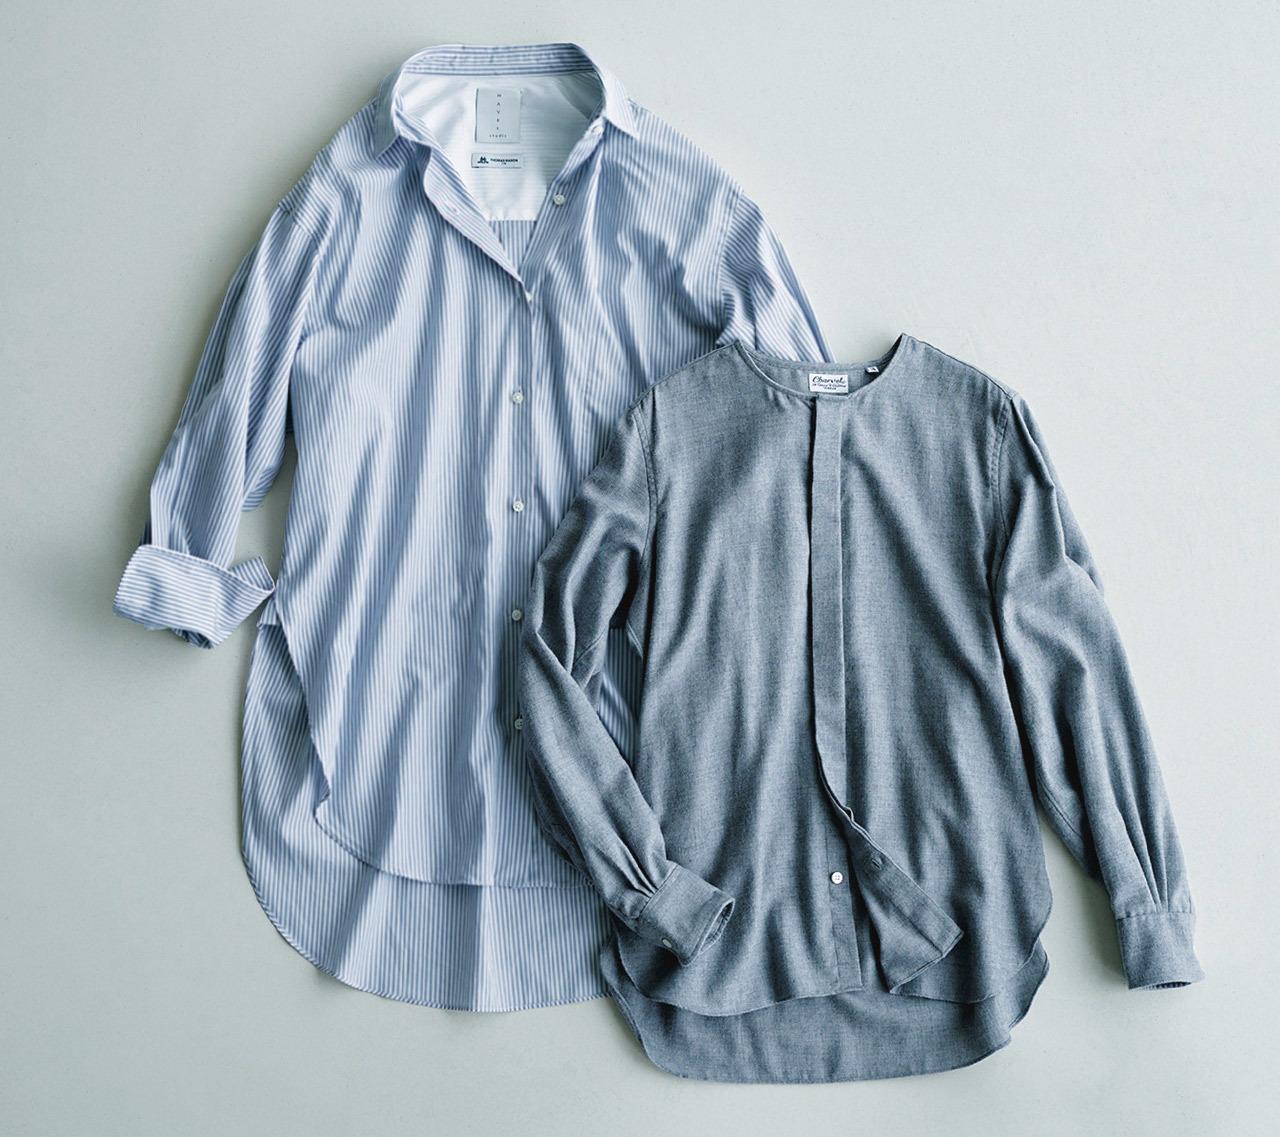 (左)HAVEL studioのビッグシャツ (右)CHARVET のフランネルシャツ